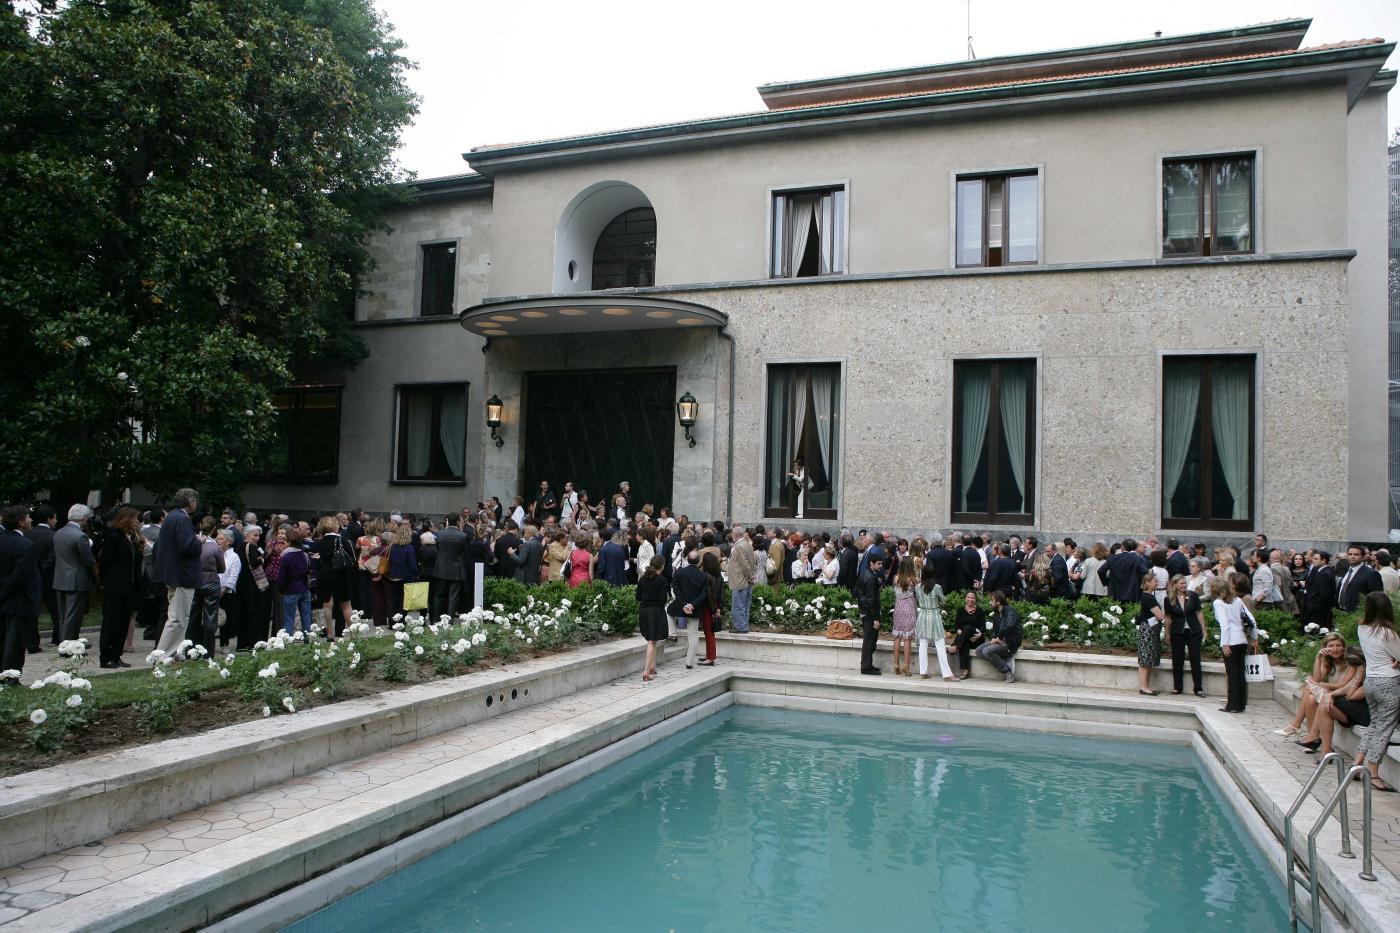 Un soffio di primavera 2016 a villa necchi campiglio oggi for Villa necchi campiglio milano